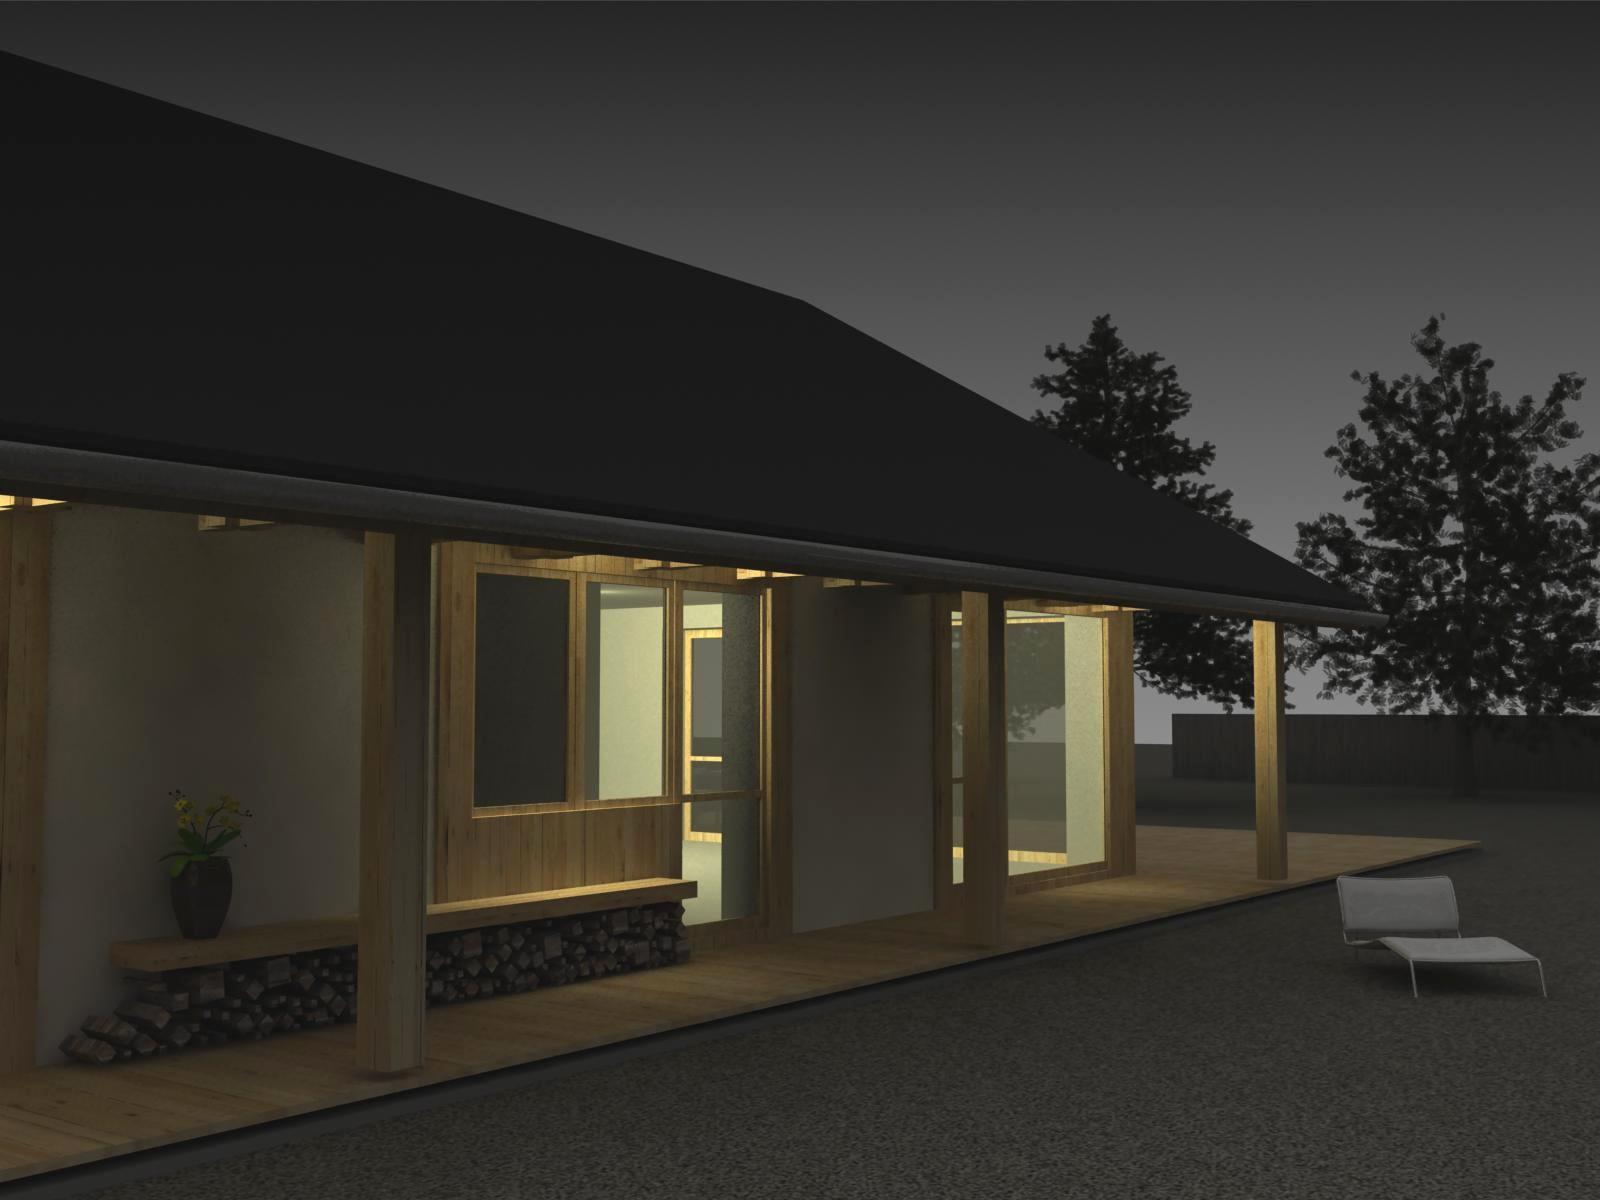 Projekt stavby rodinného domu III 07